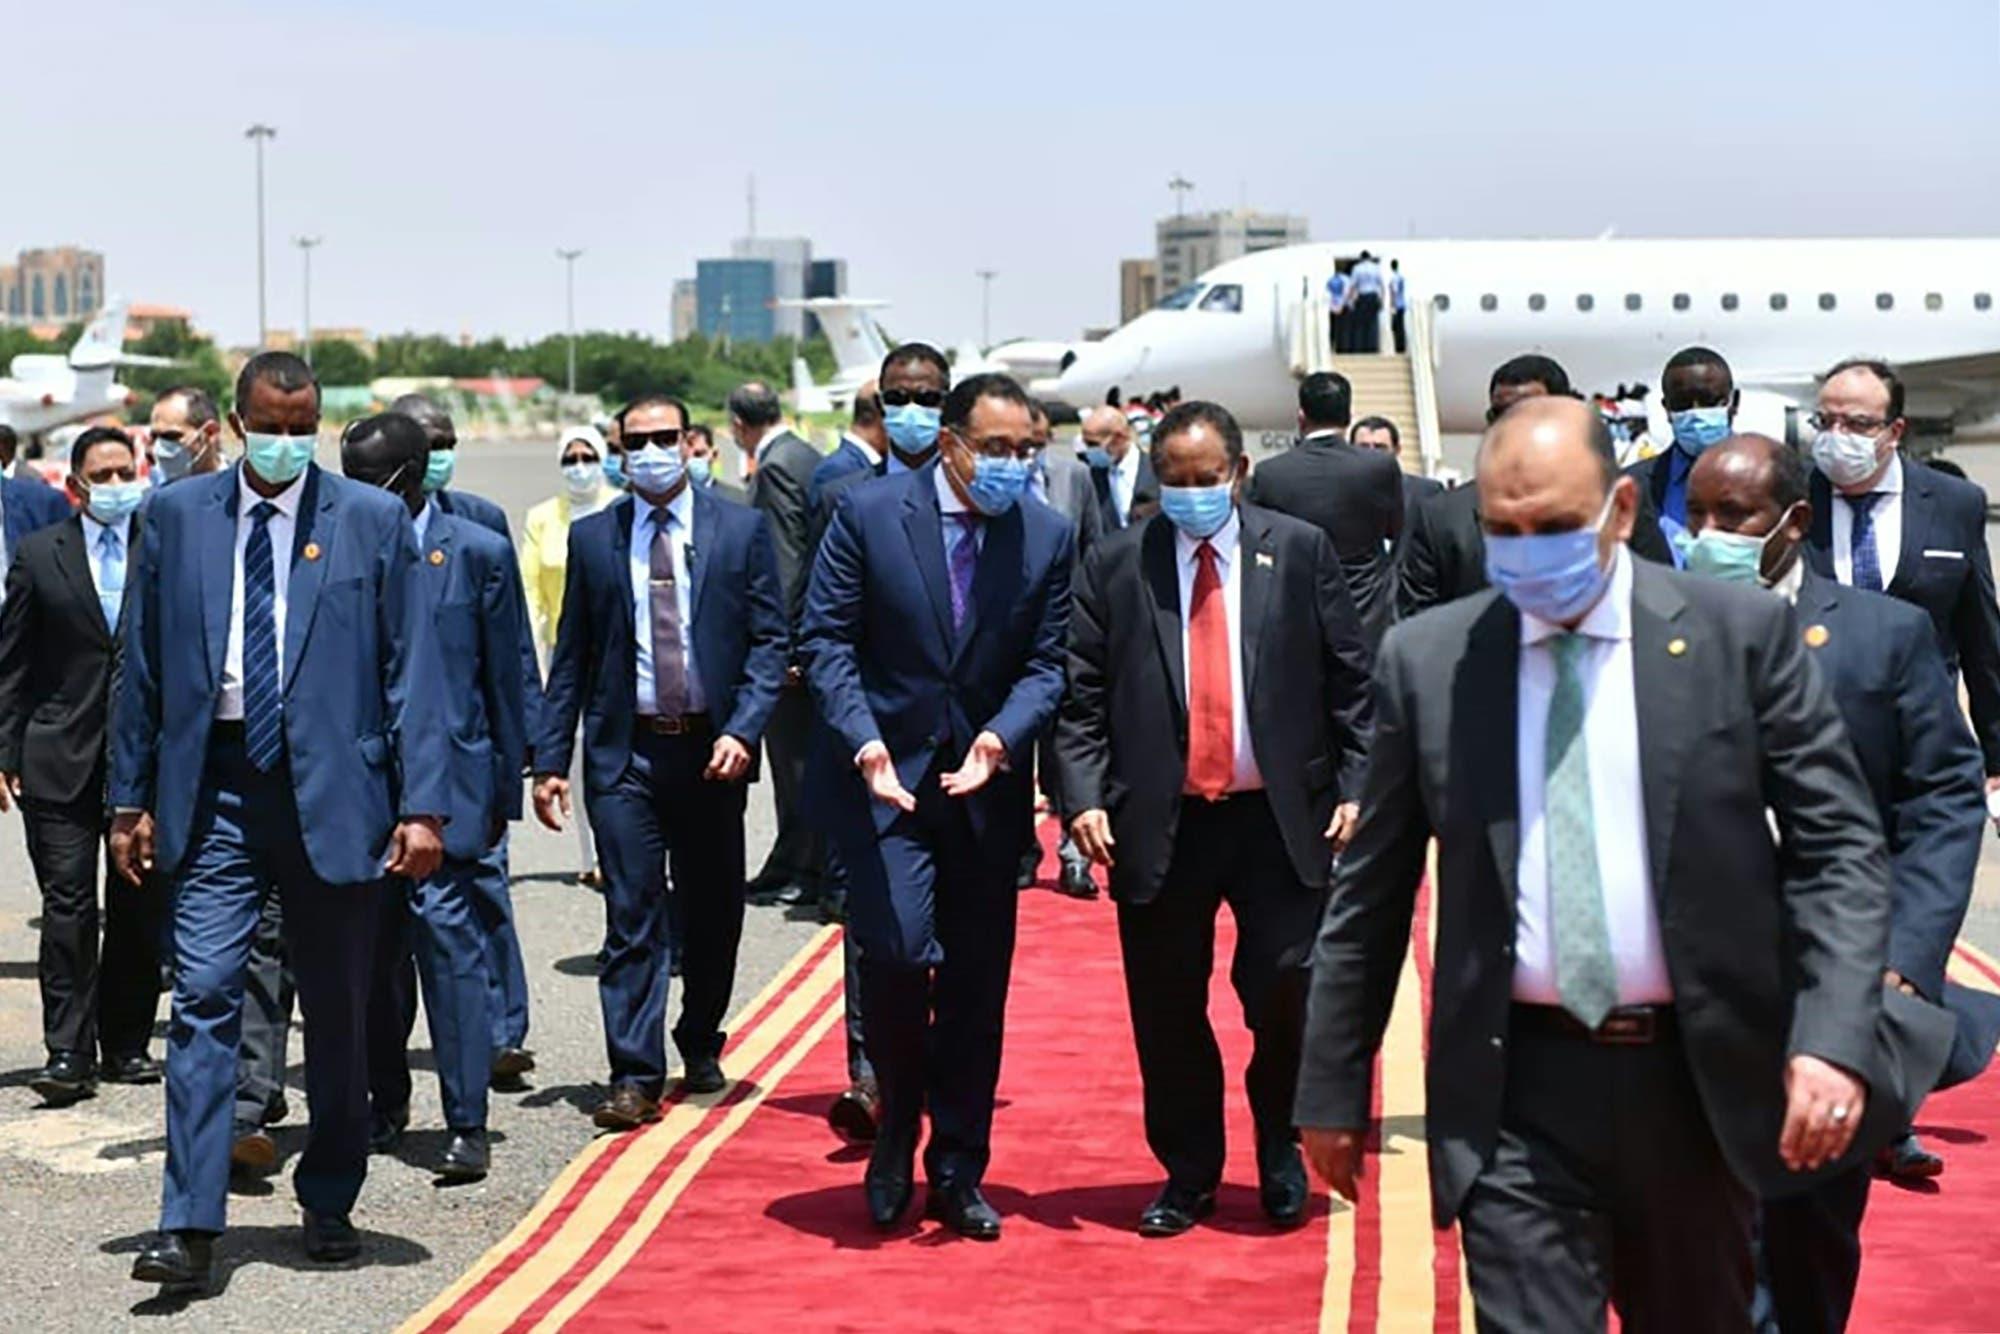 الدكتور مصطفى مدبولي رئيس مجلس الوزراء المصري والدكتور عبدالله حمدوك رئيس الوزراء السوداني.